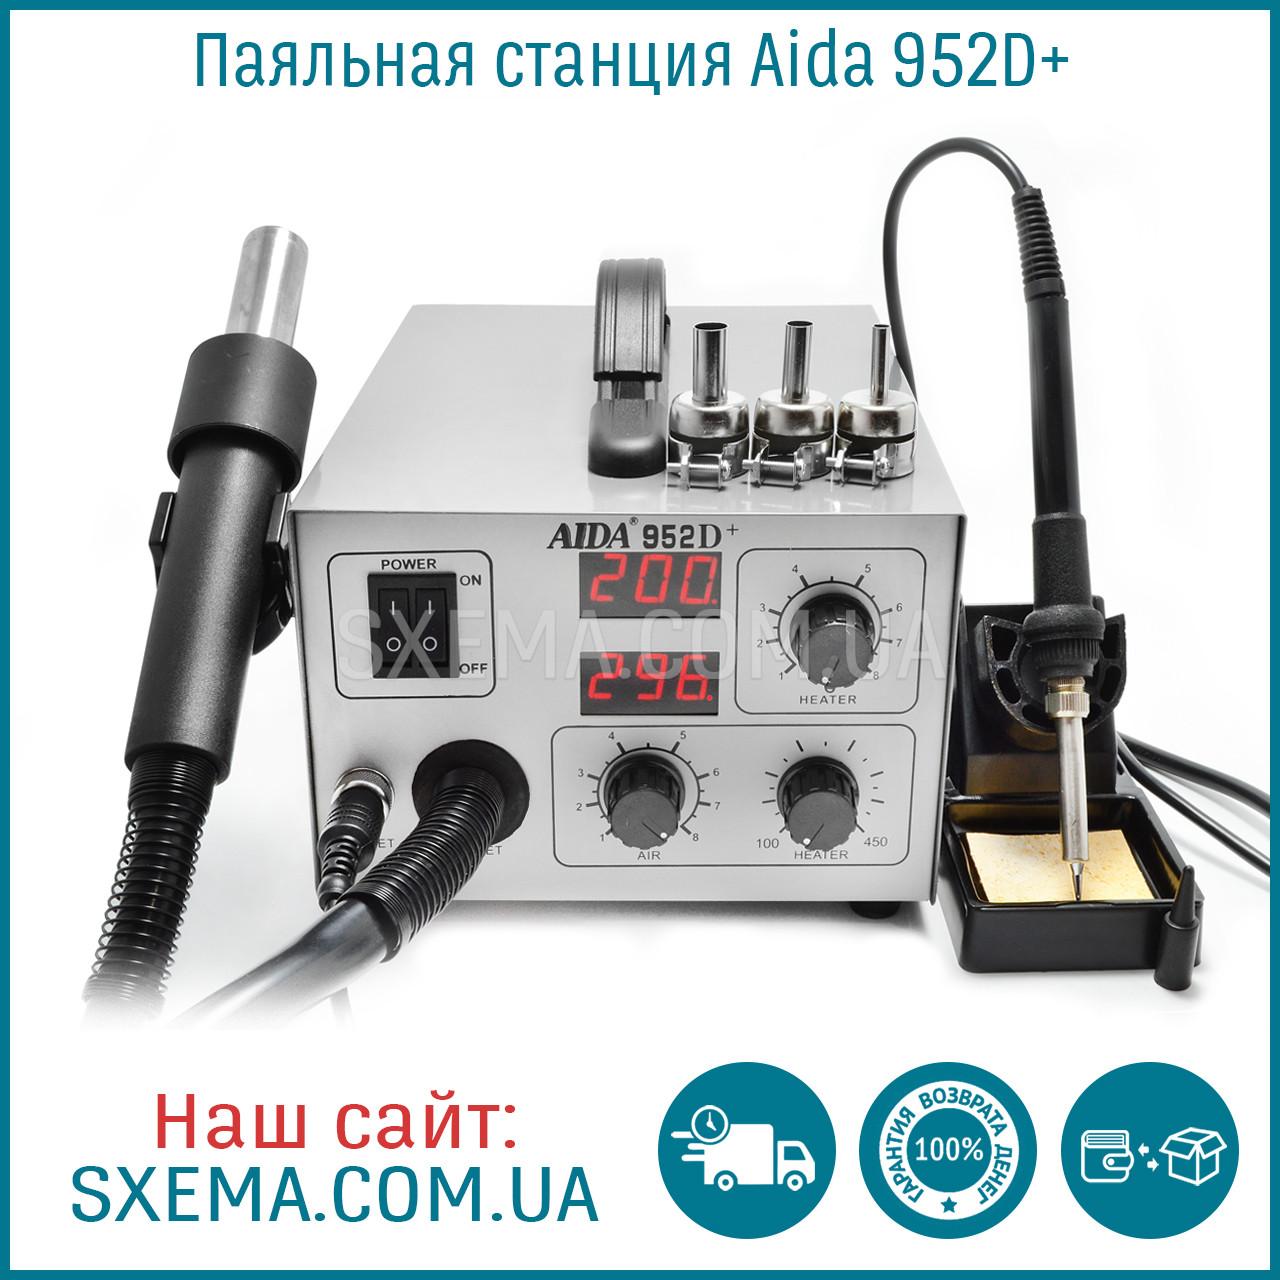 Паяльная станция Aida 952D+ компрессорная фен + паяльник, металл корпус